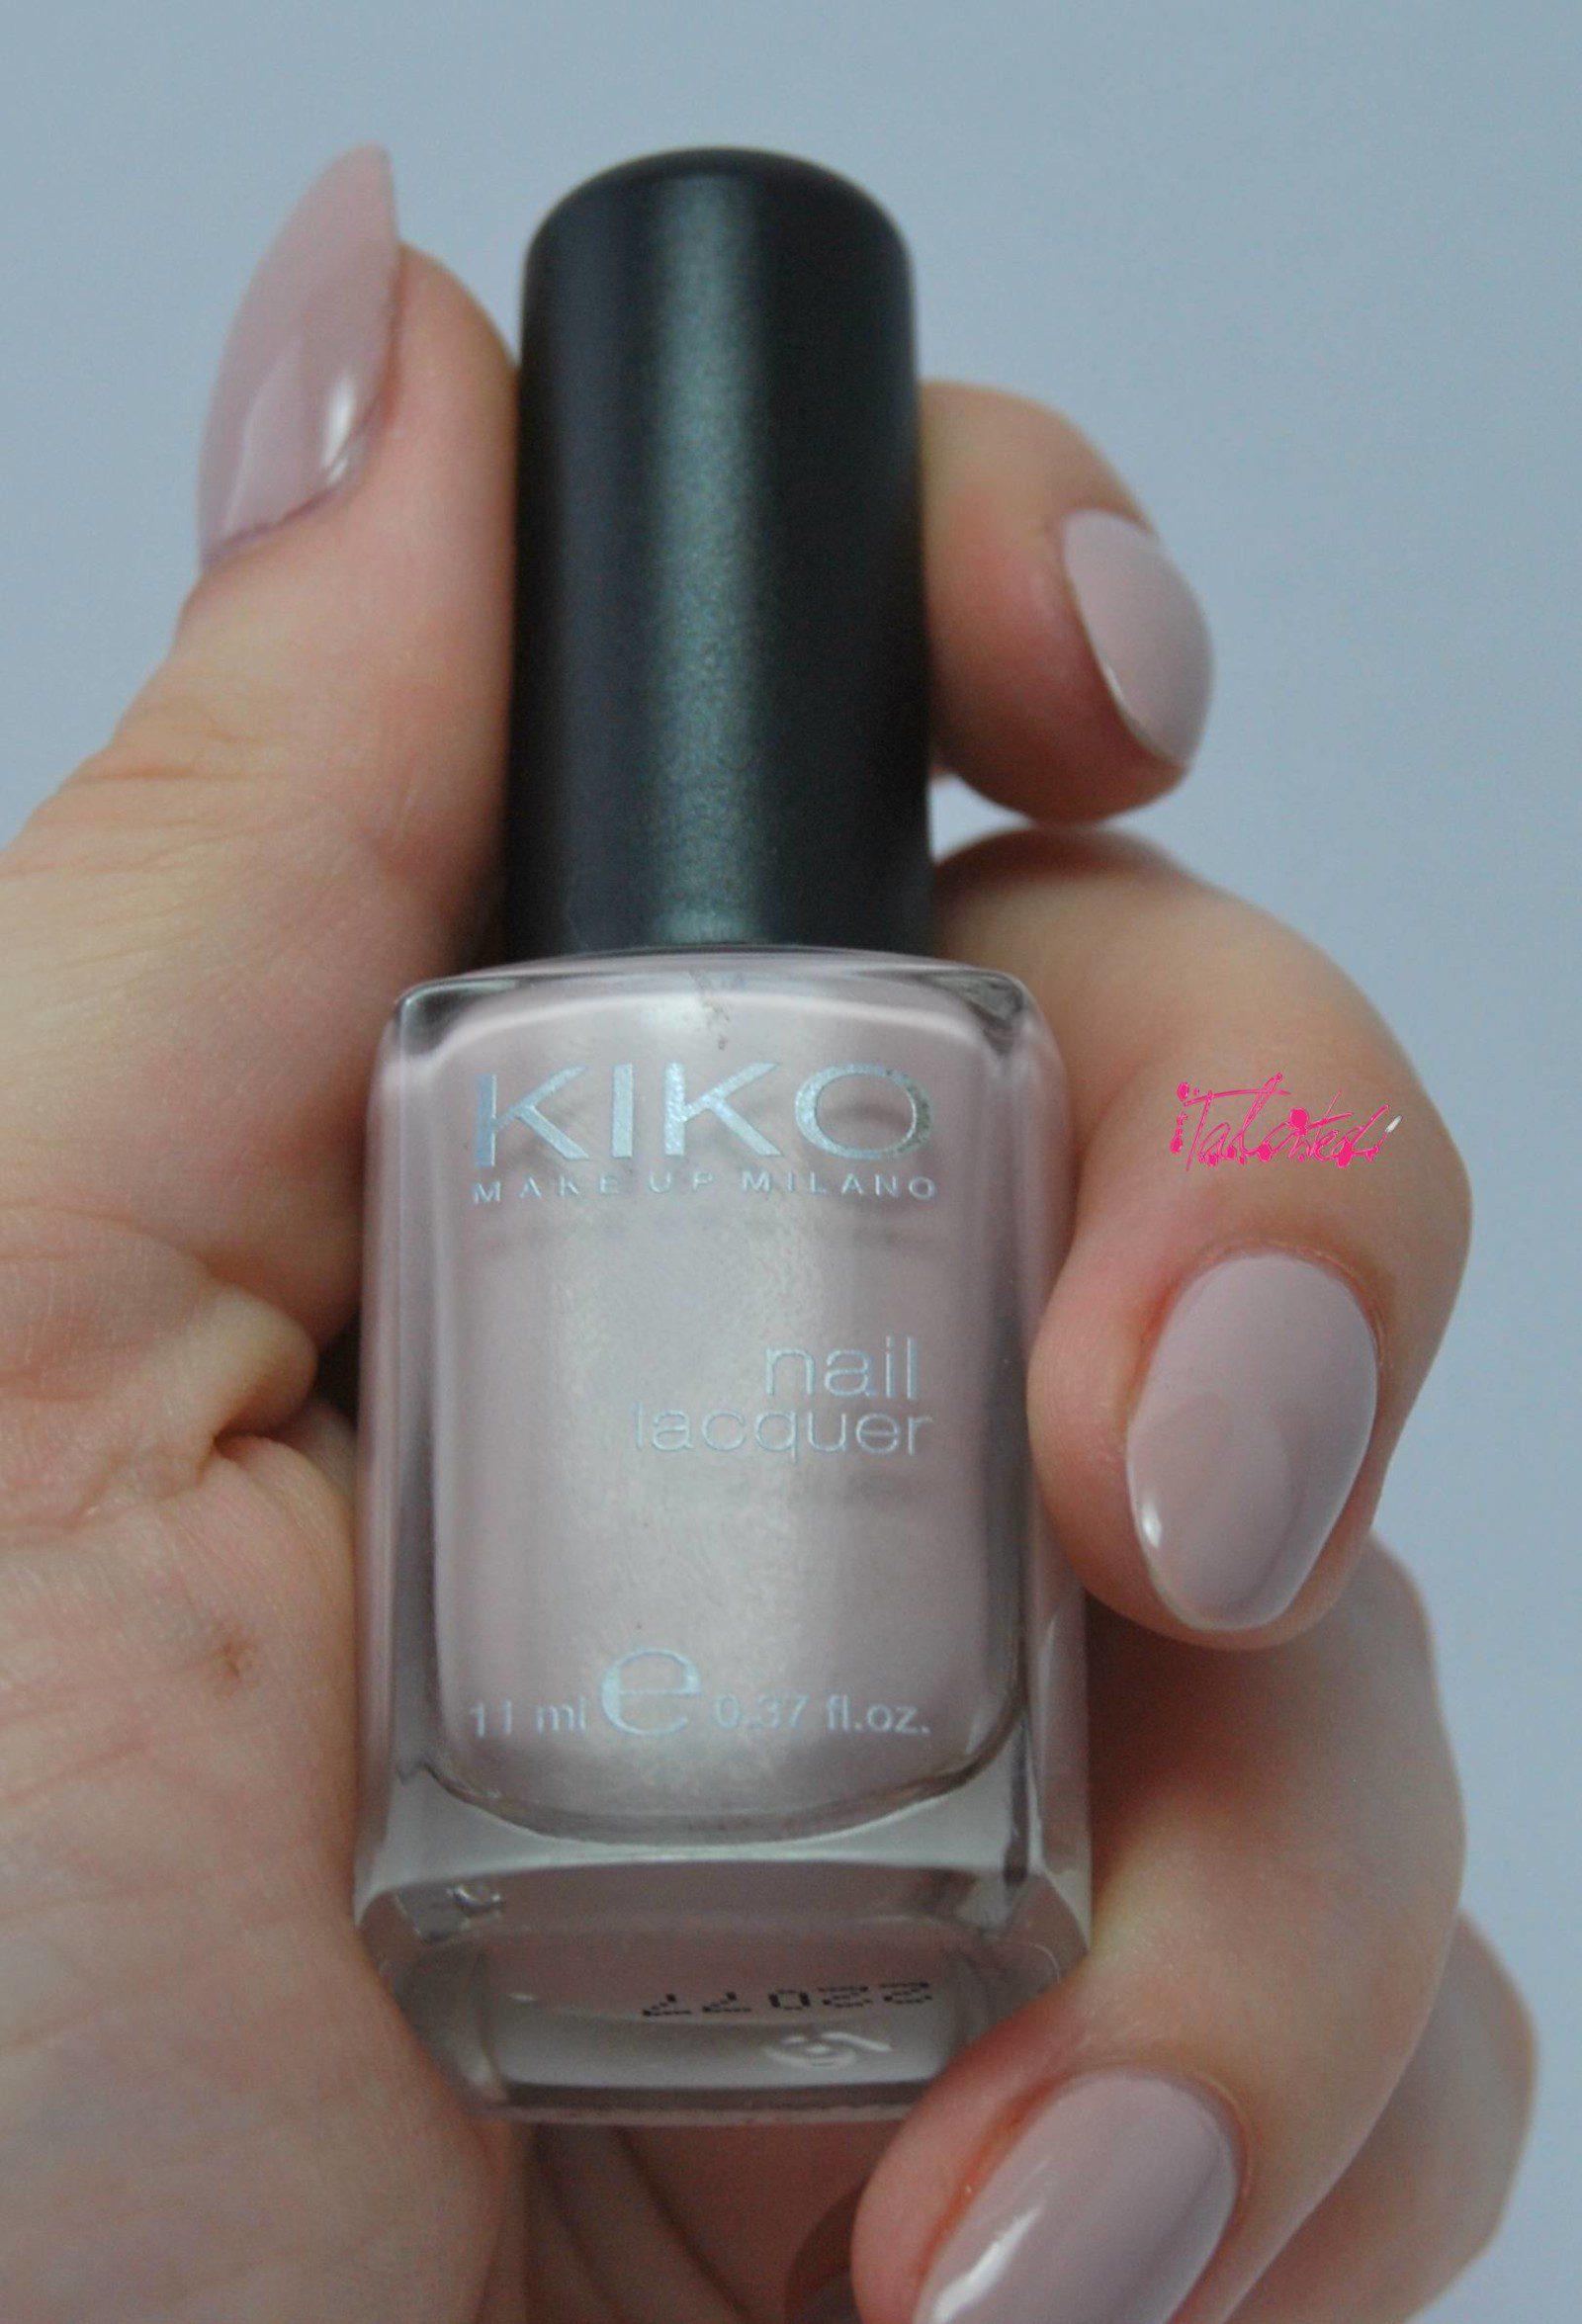 Kiko 372 Nude Nail Varnish